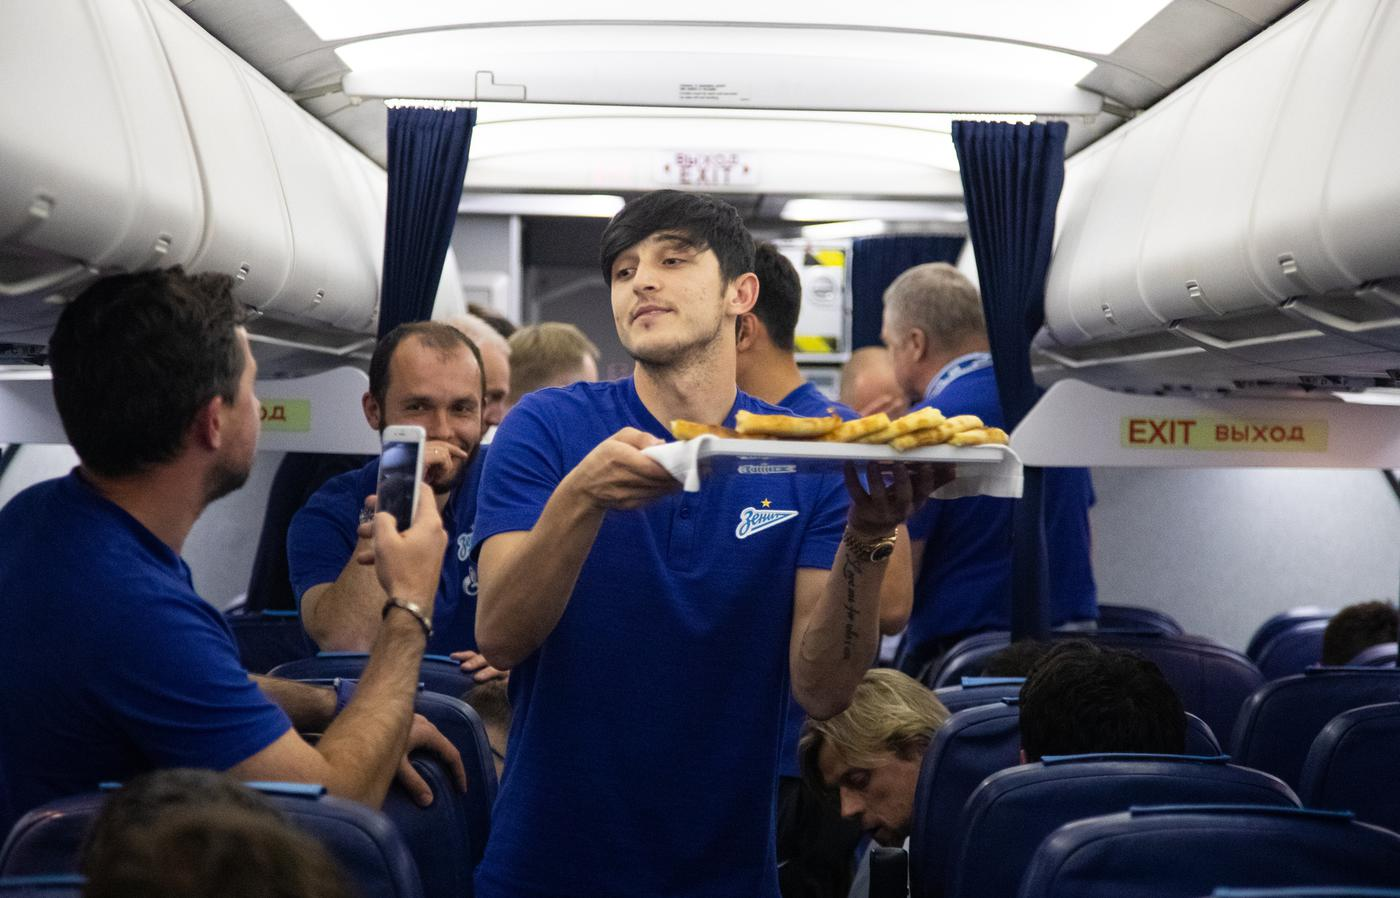 Год назад «Зенит» выиграл чемпионат России в самолете. Как это было? - фото